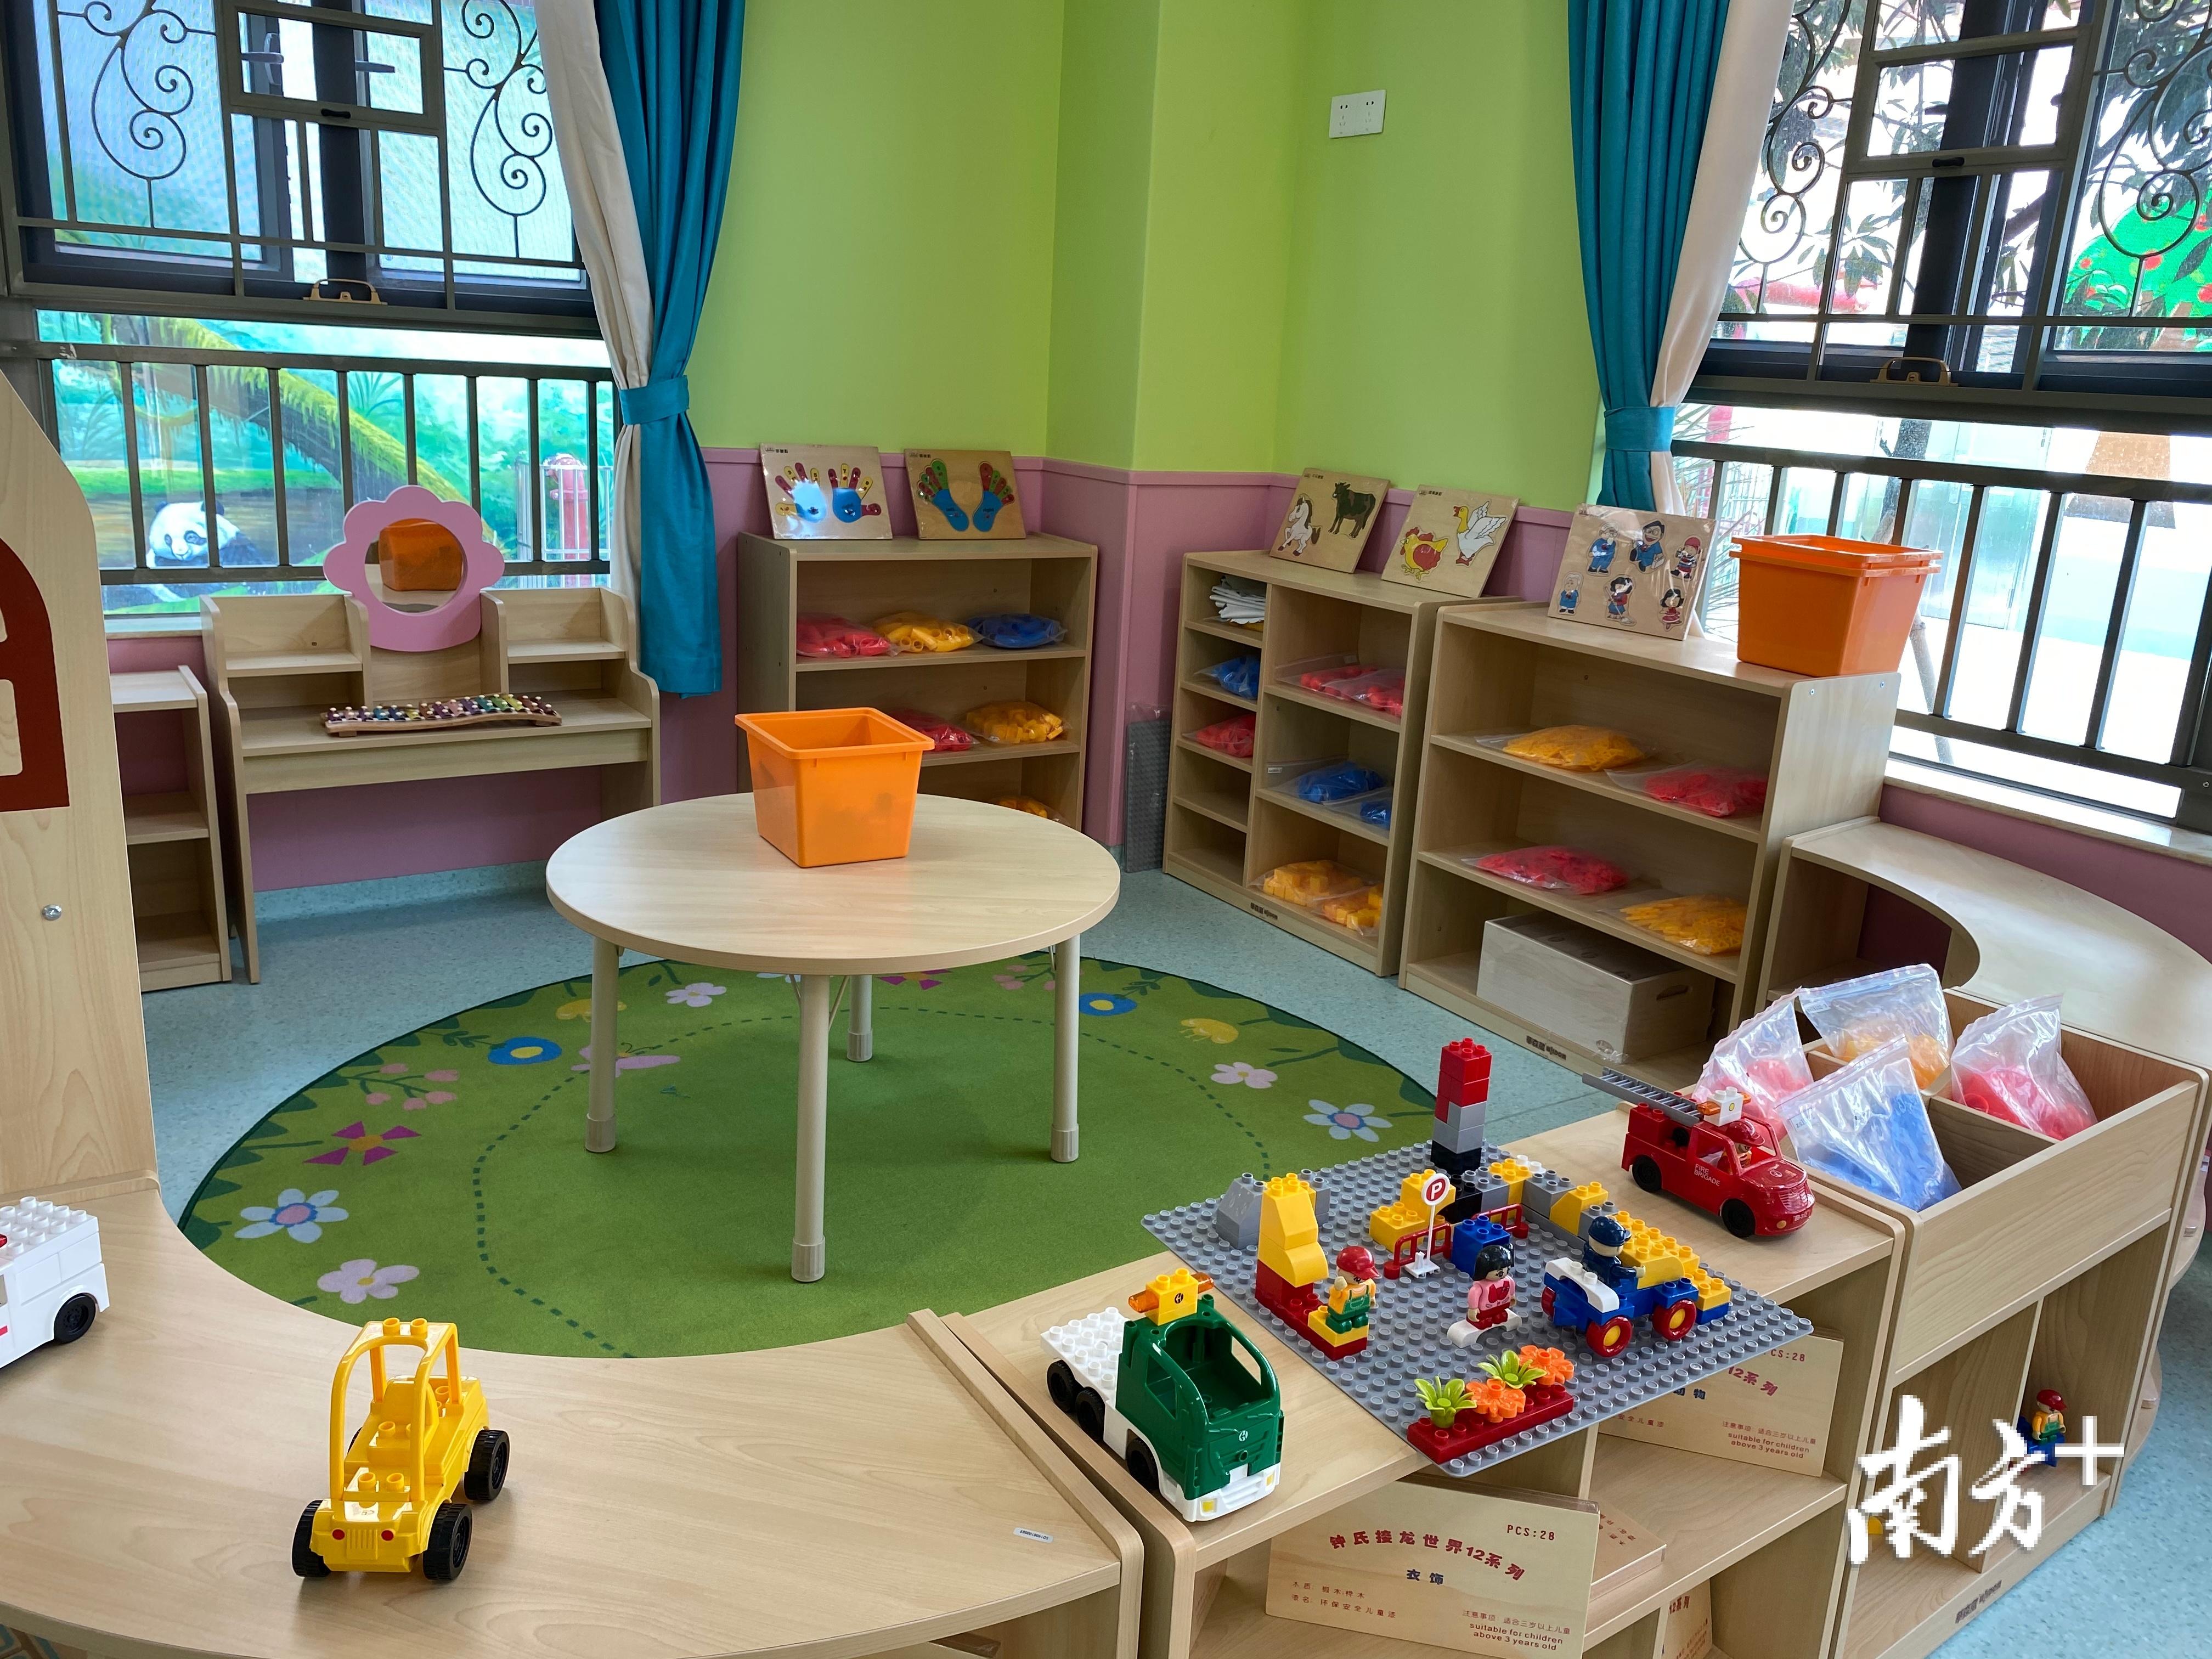 民办幼儿园办学质量虽好,但价格偏高。黄烨倩 摄